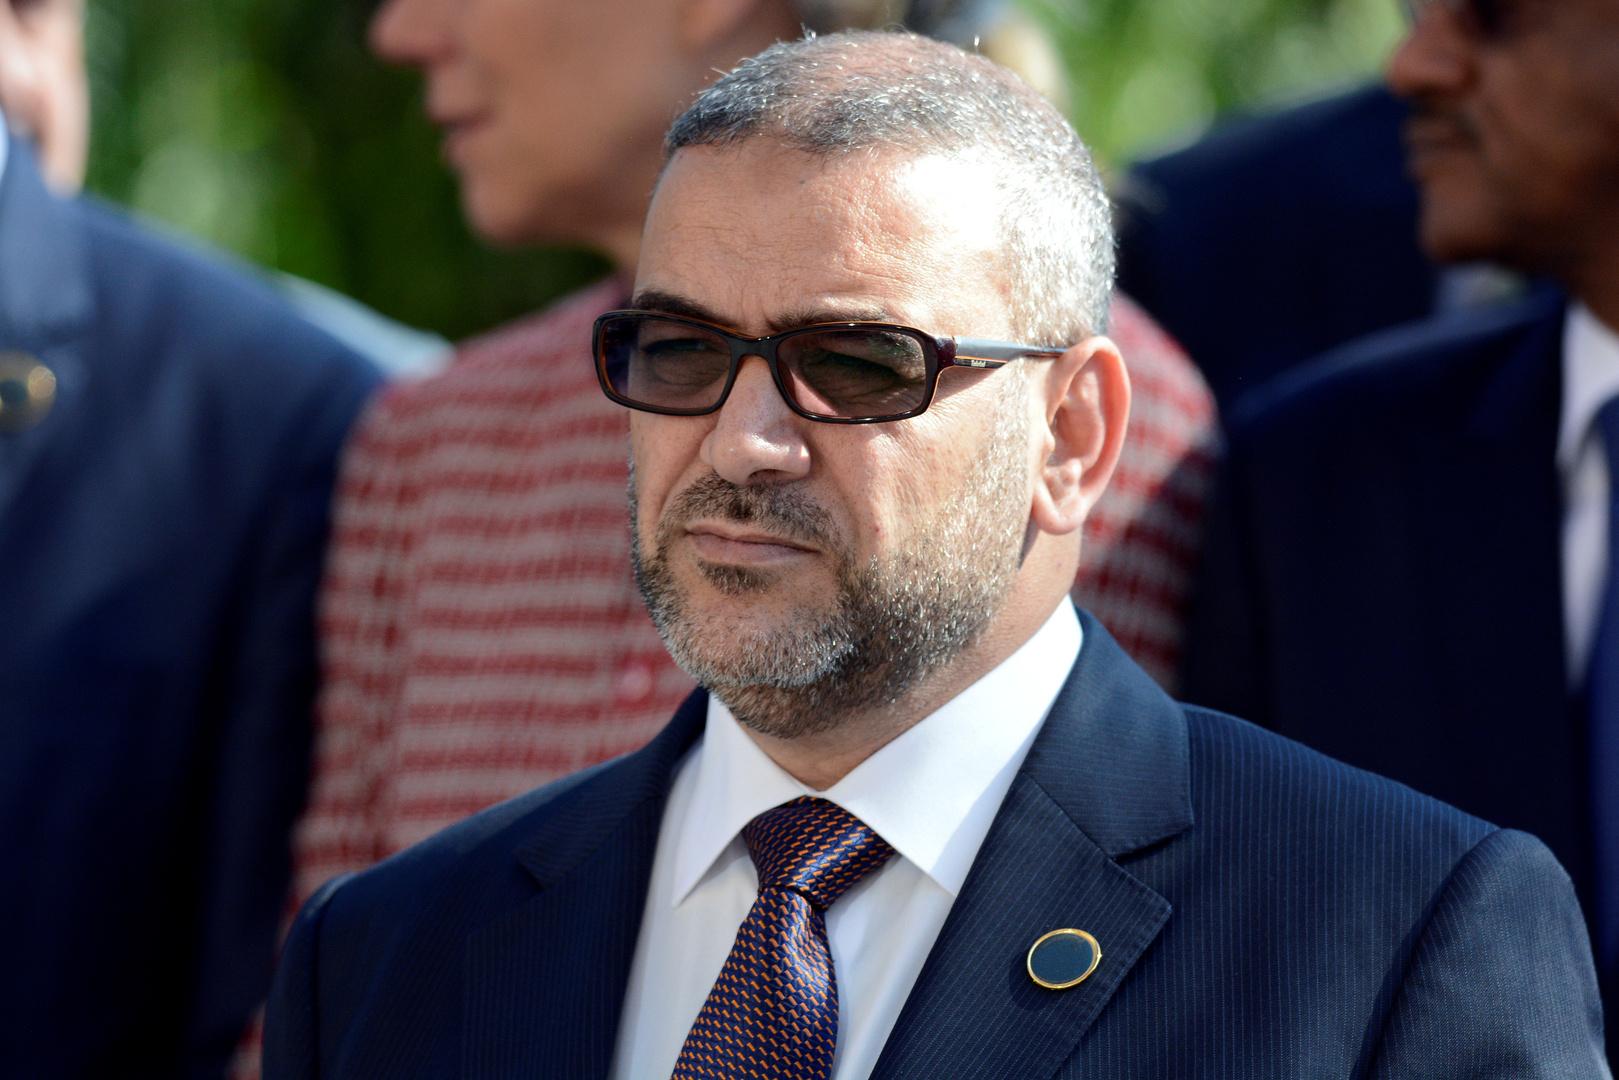 عضو بالمجلس الأعلى في ليبيا يشكك في نتائج انتخابات المجلس ويطالب بإجراء